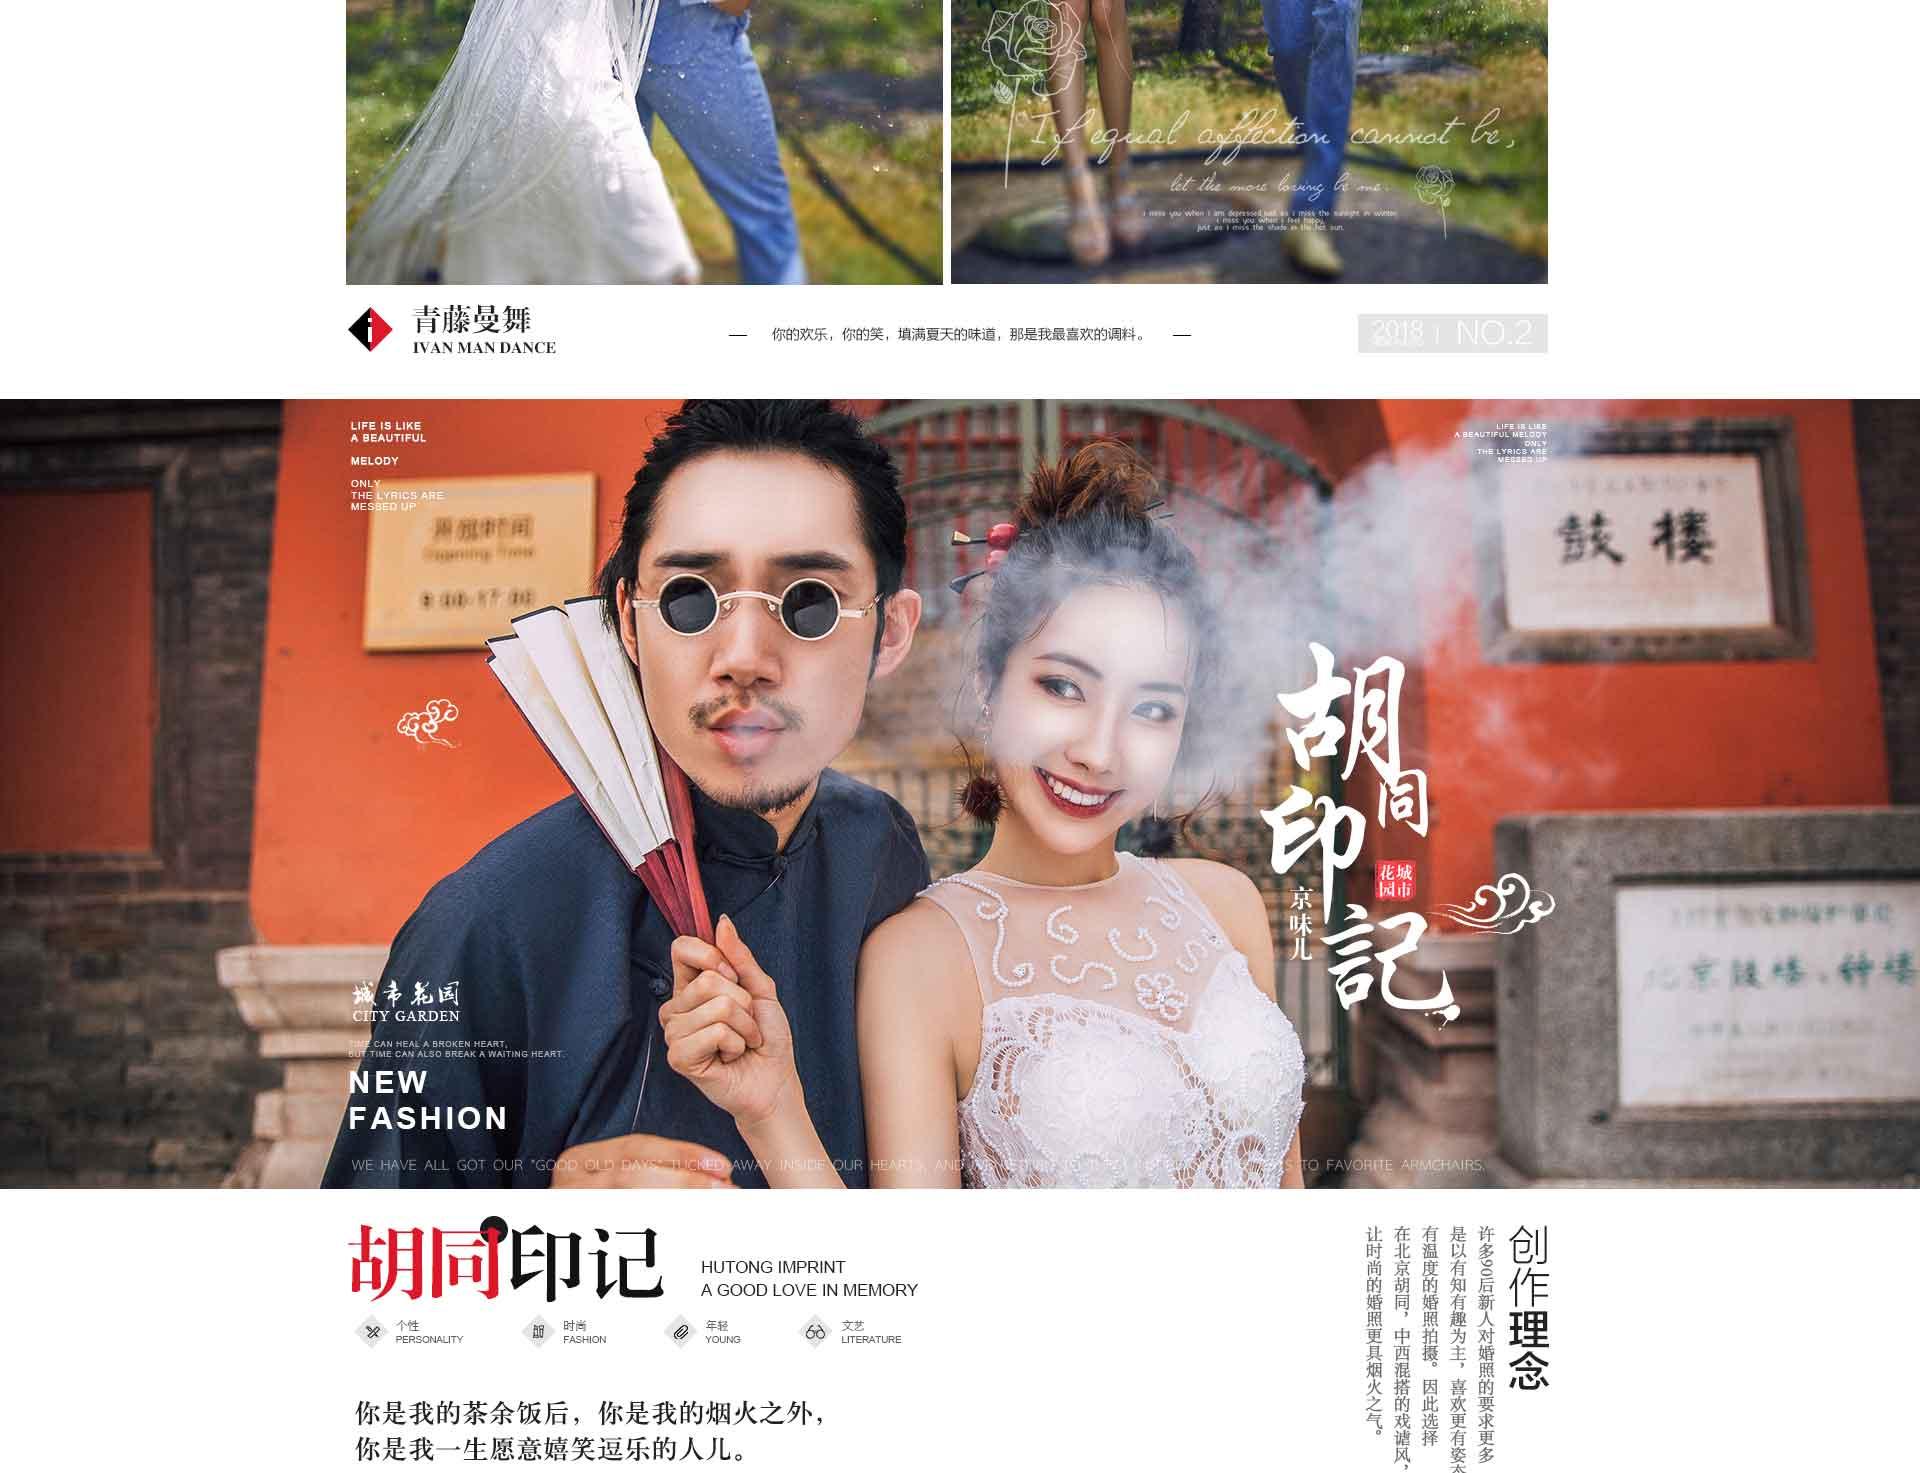 北京爱情长图-预览_06.jpg